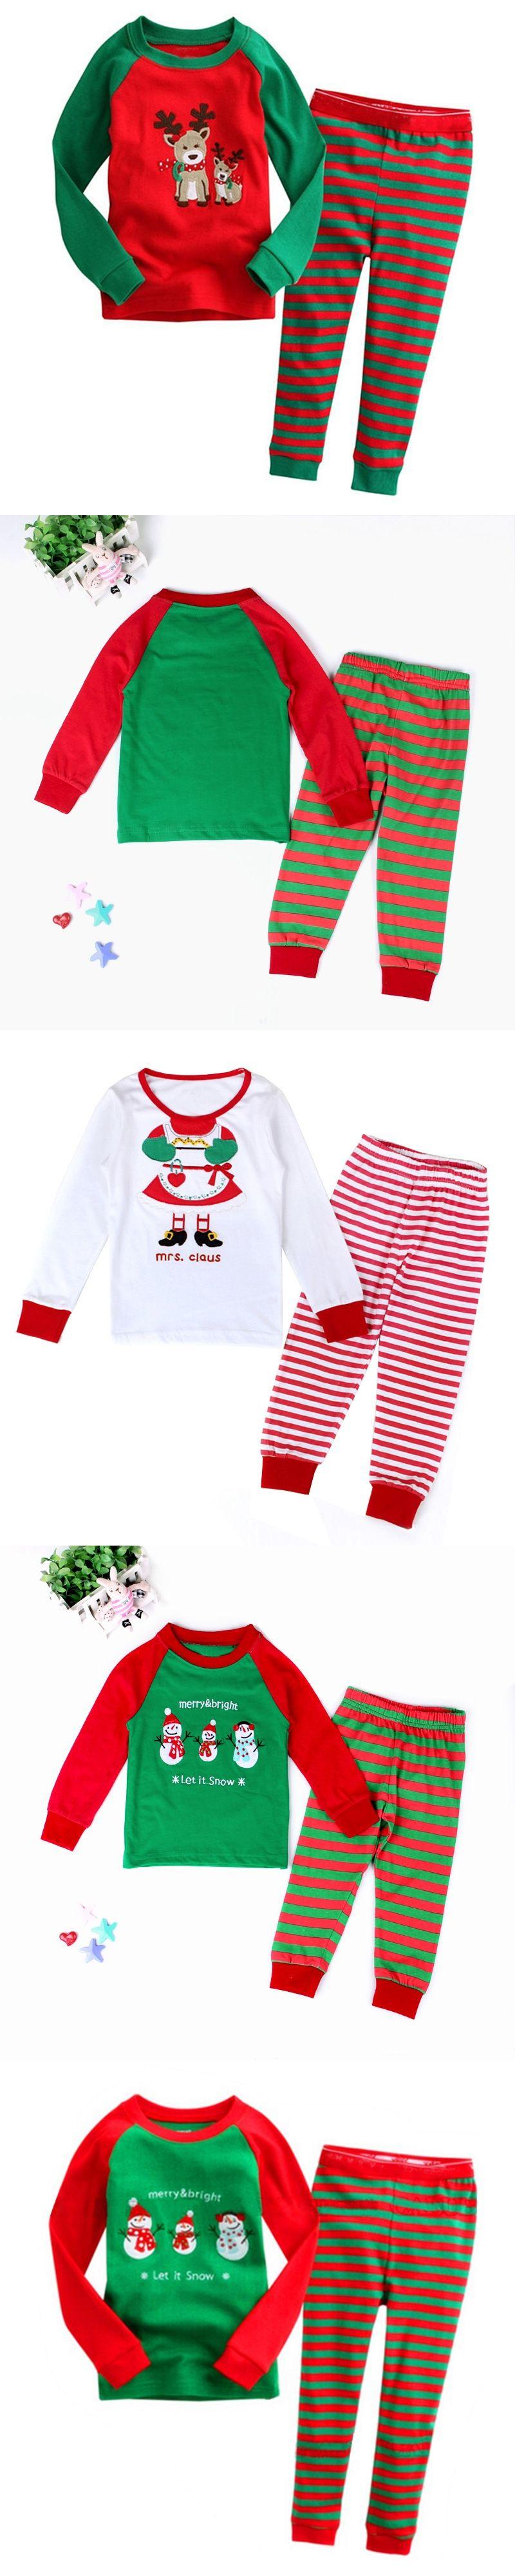 Children Christmas Pajamas Set Cartoon Kids Pijamas For Boys 2-7 Years Girls  Pyjama Set e0f937583